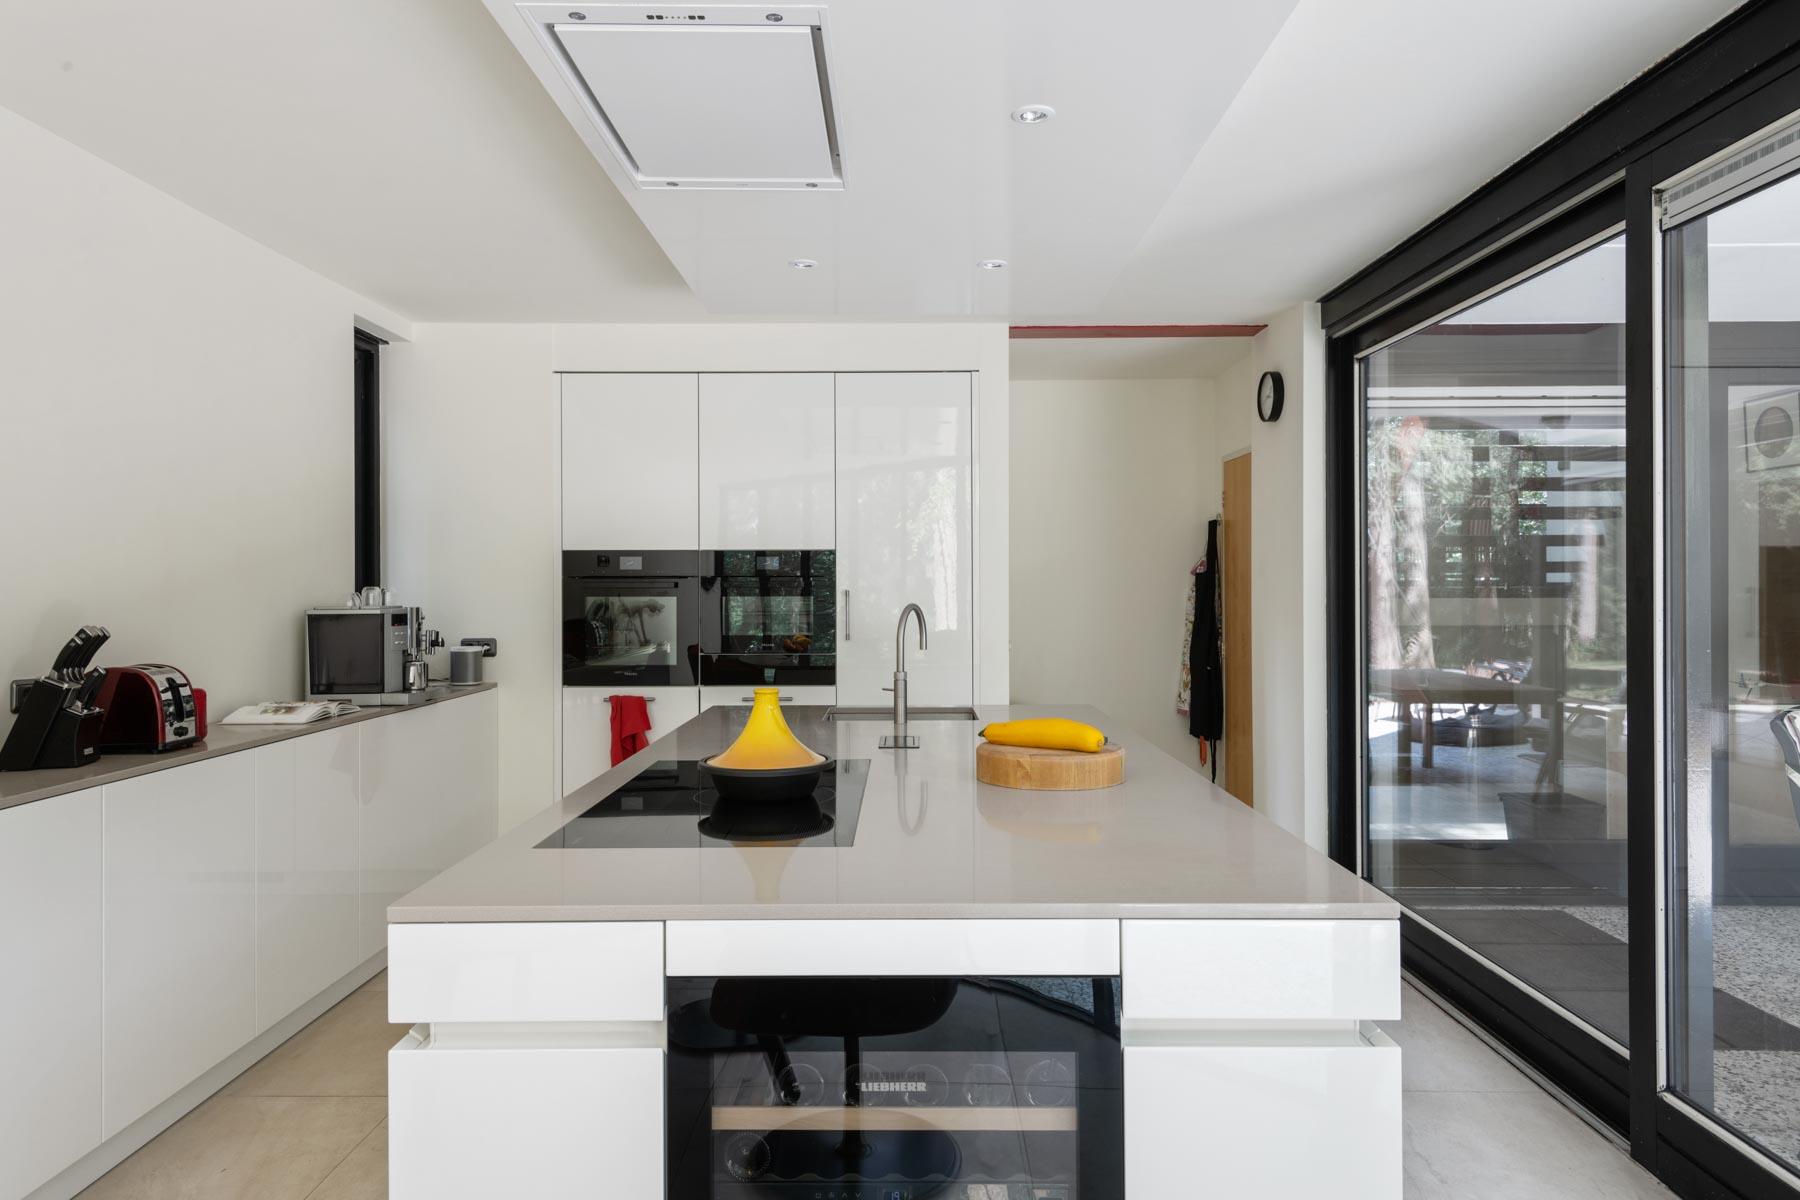 Tijdloze keuken met rustige elementen